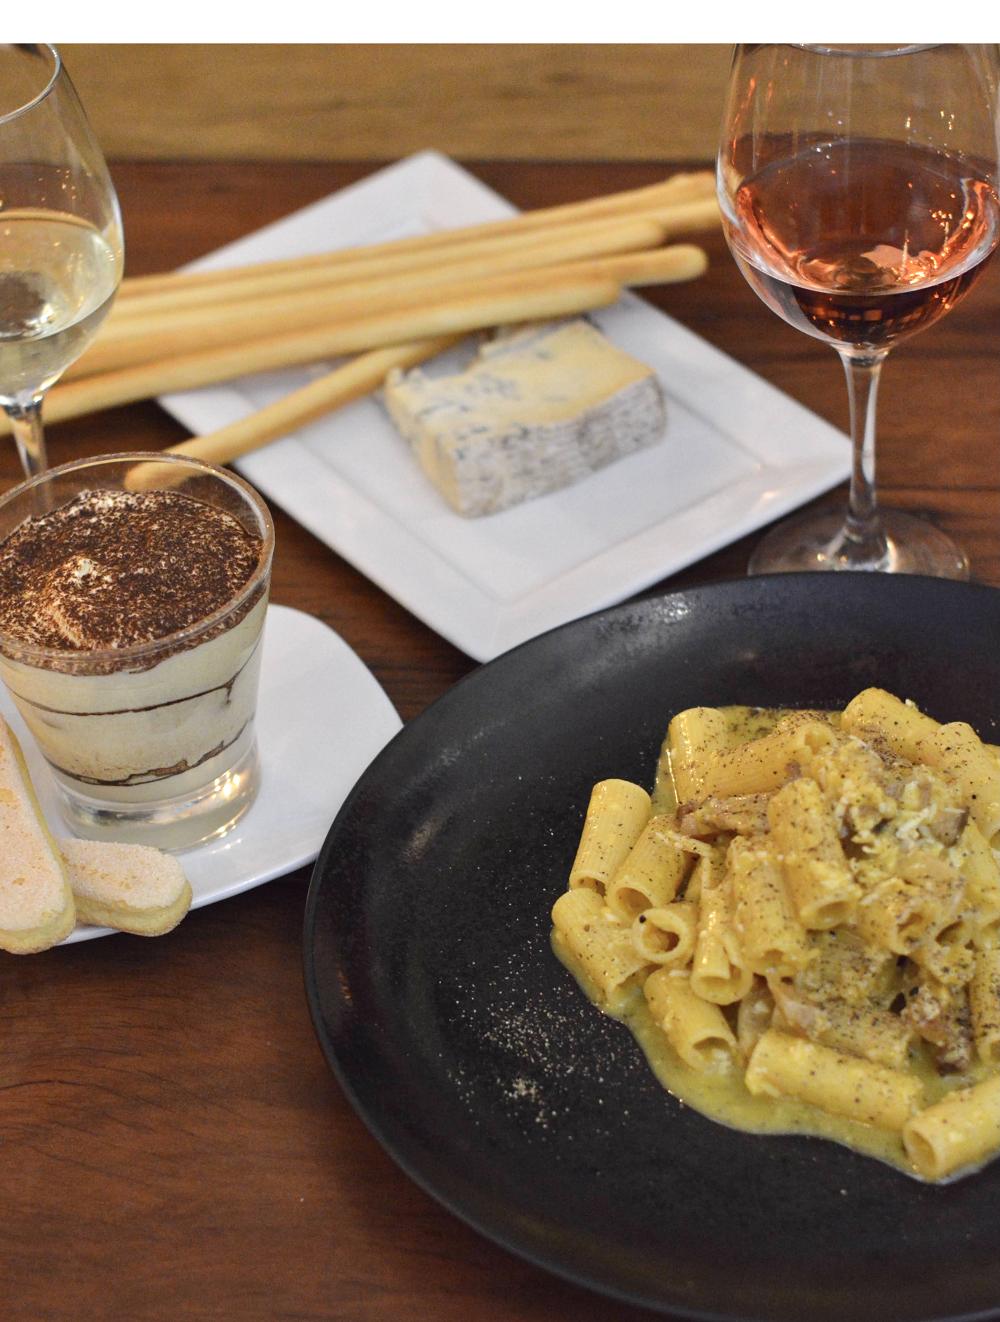 Dall'antipasto al dessert: la versatilità dei formaggi italiani